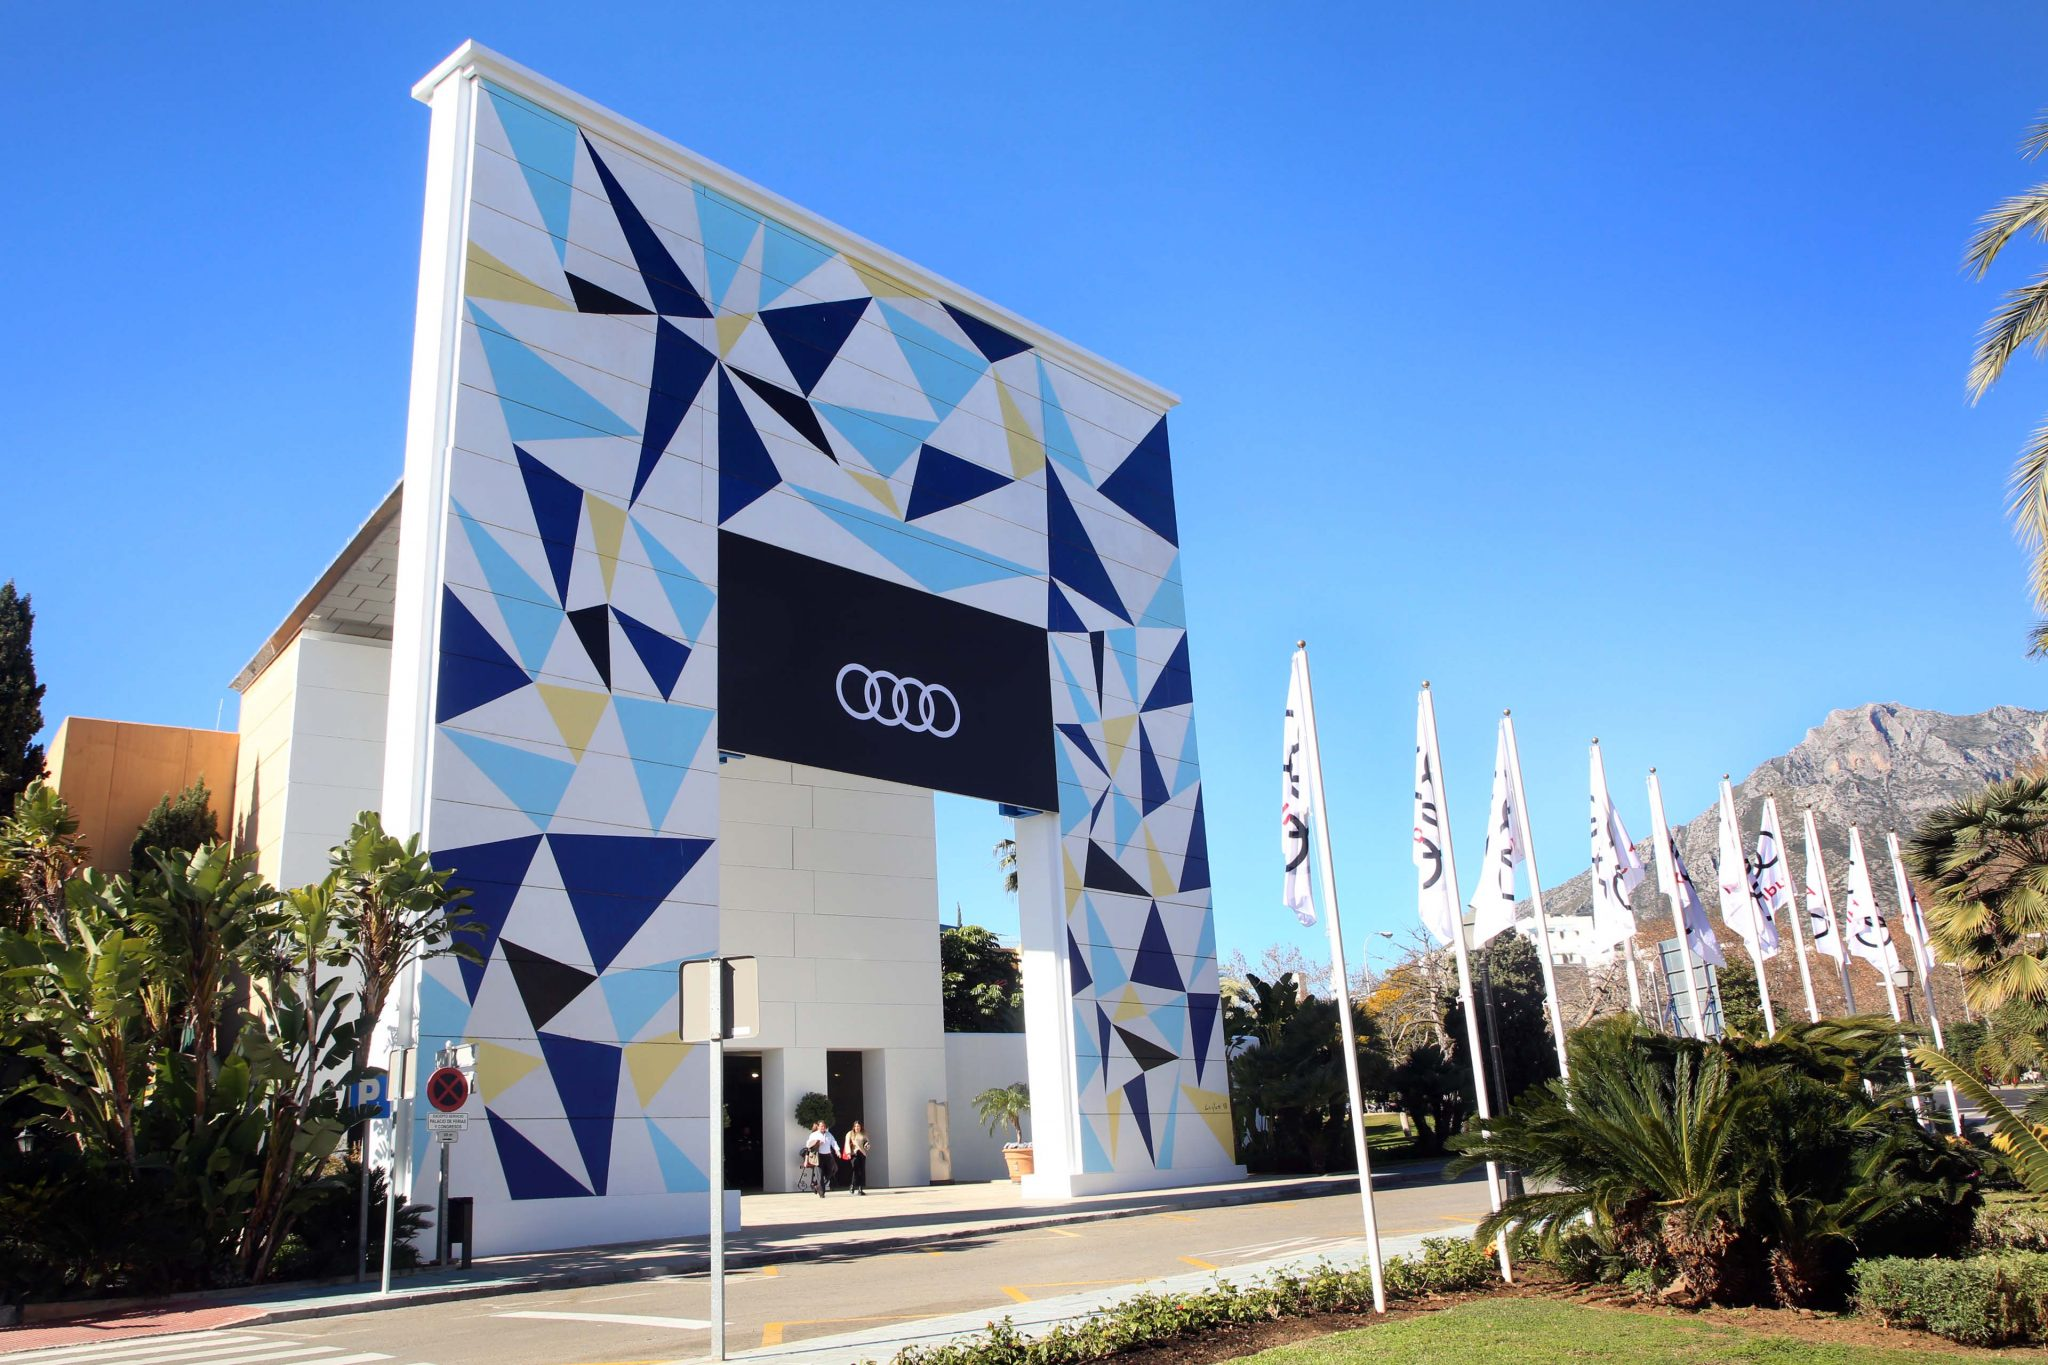 El Palacio de Ferias y Congresos modernizará sus instalaciones